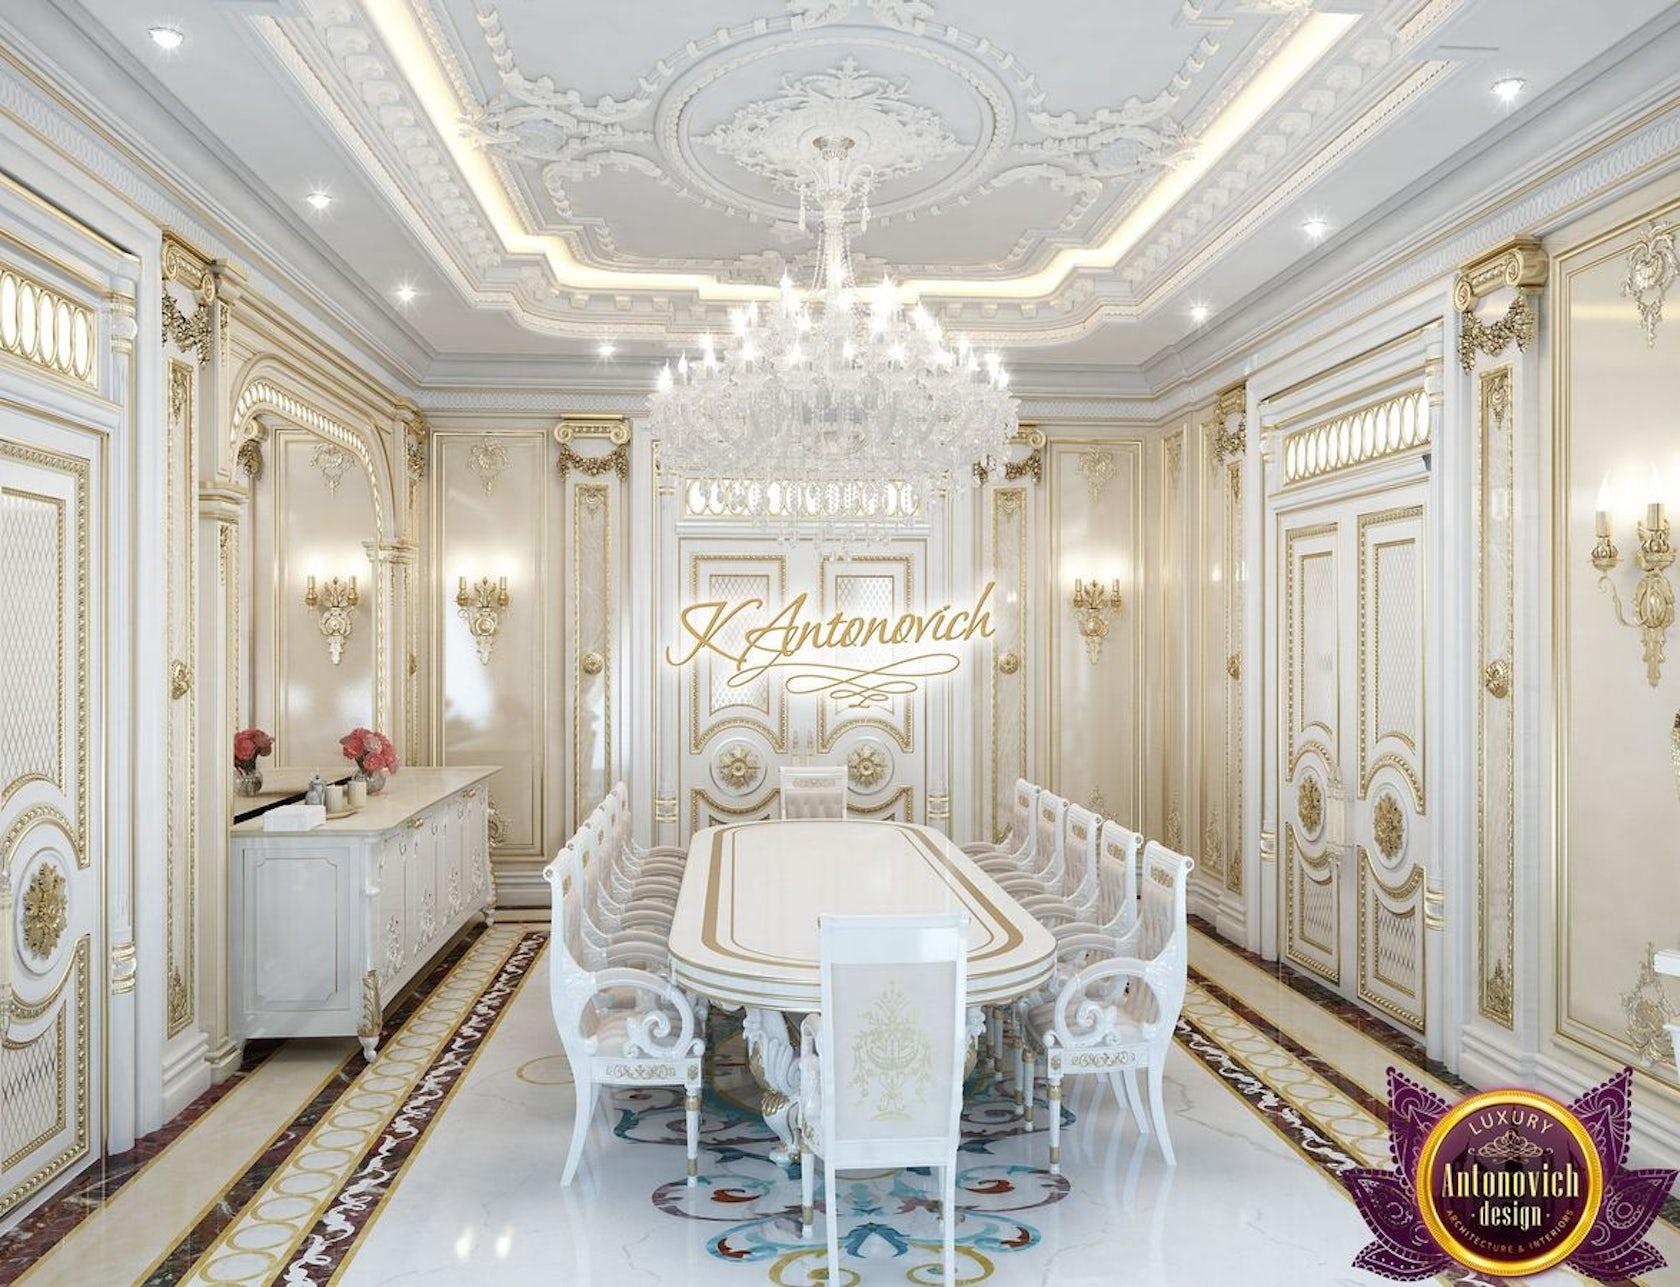 Kitchen Design Usa By Katrina Antonovich: Interior Design Projects In Dubai From Katrina Antonovich